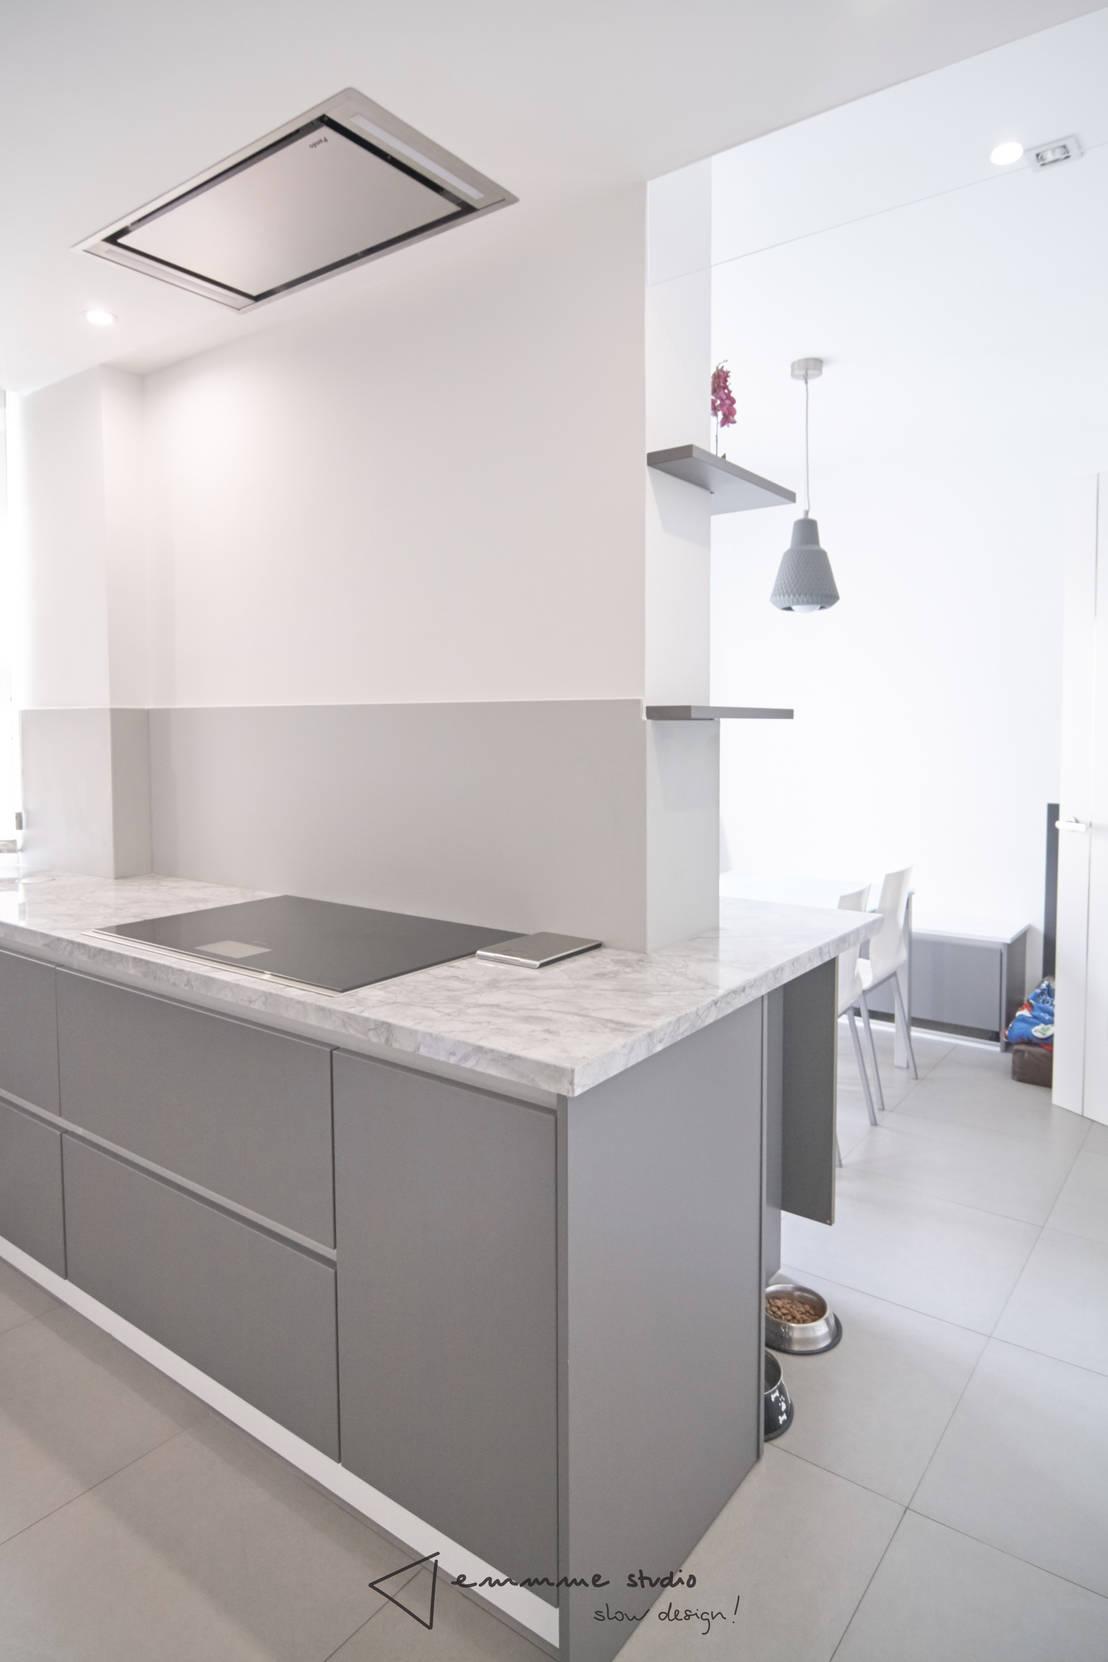 Emmme studio la cocina y office de fernando y laura homify - Emmme studio ...